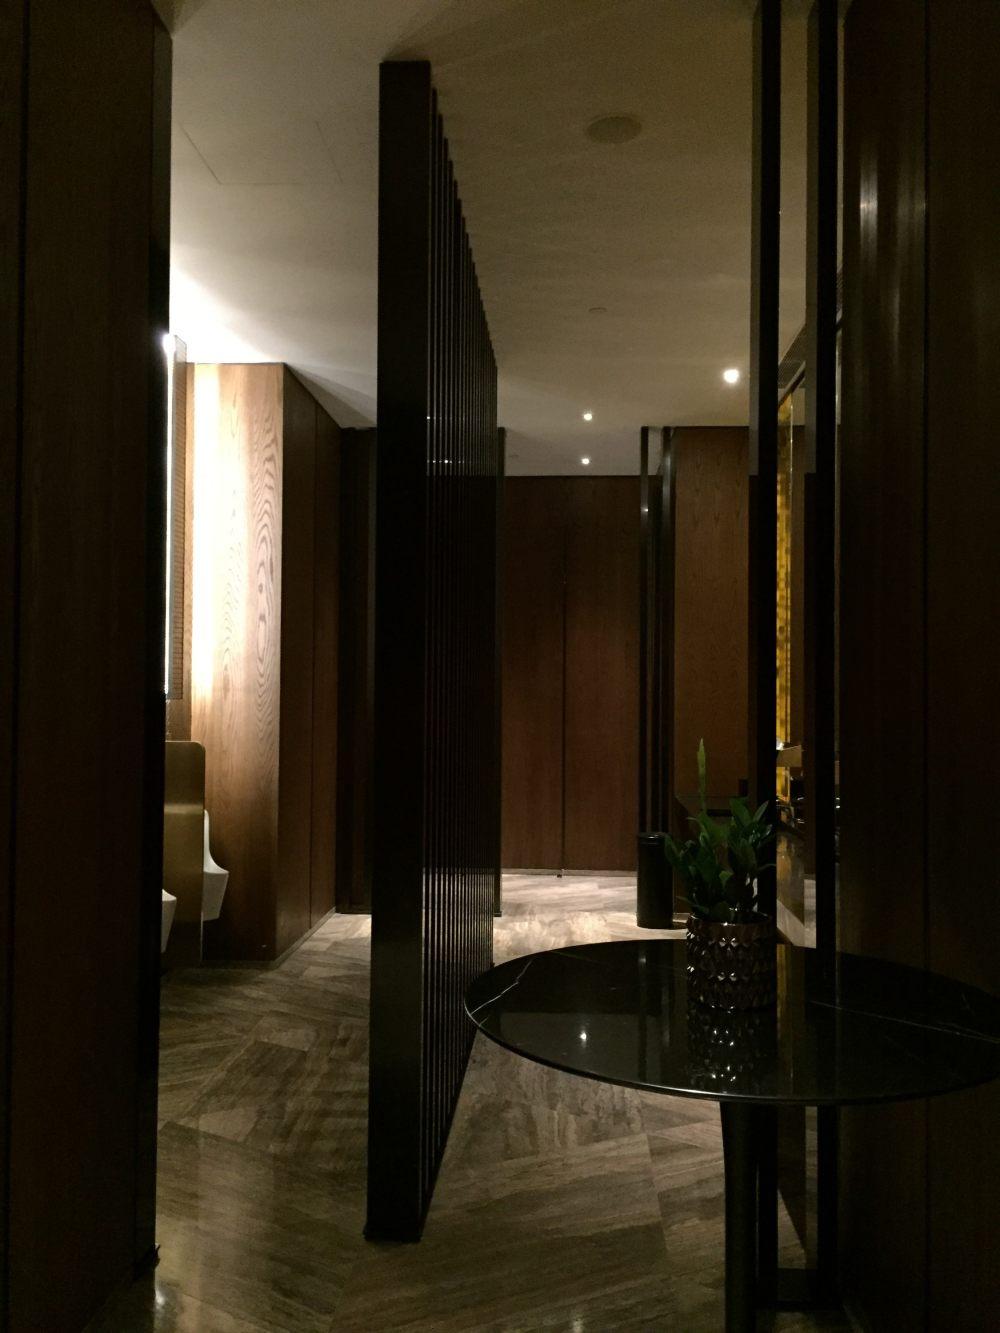 上海外滩W酒店,史上最全入住体验 自拍分享,申请置...._IMG_5980.JPG